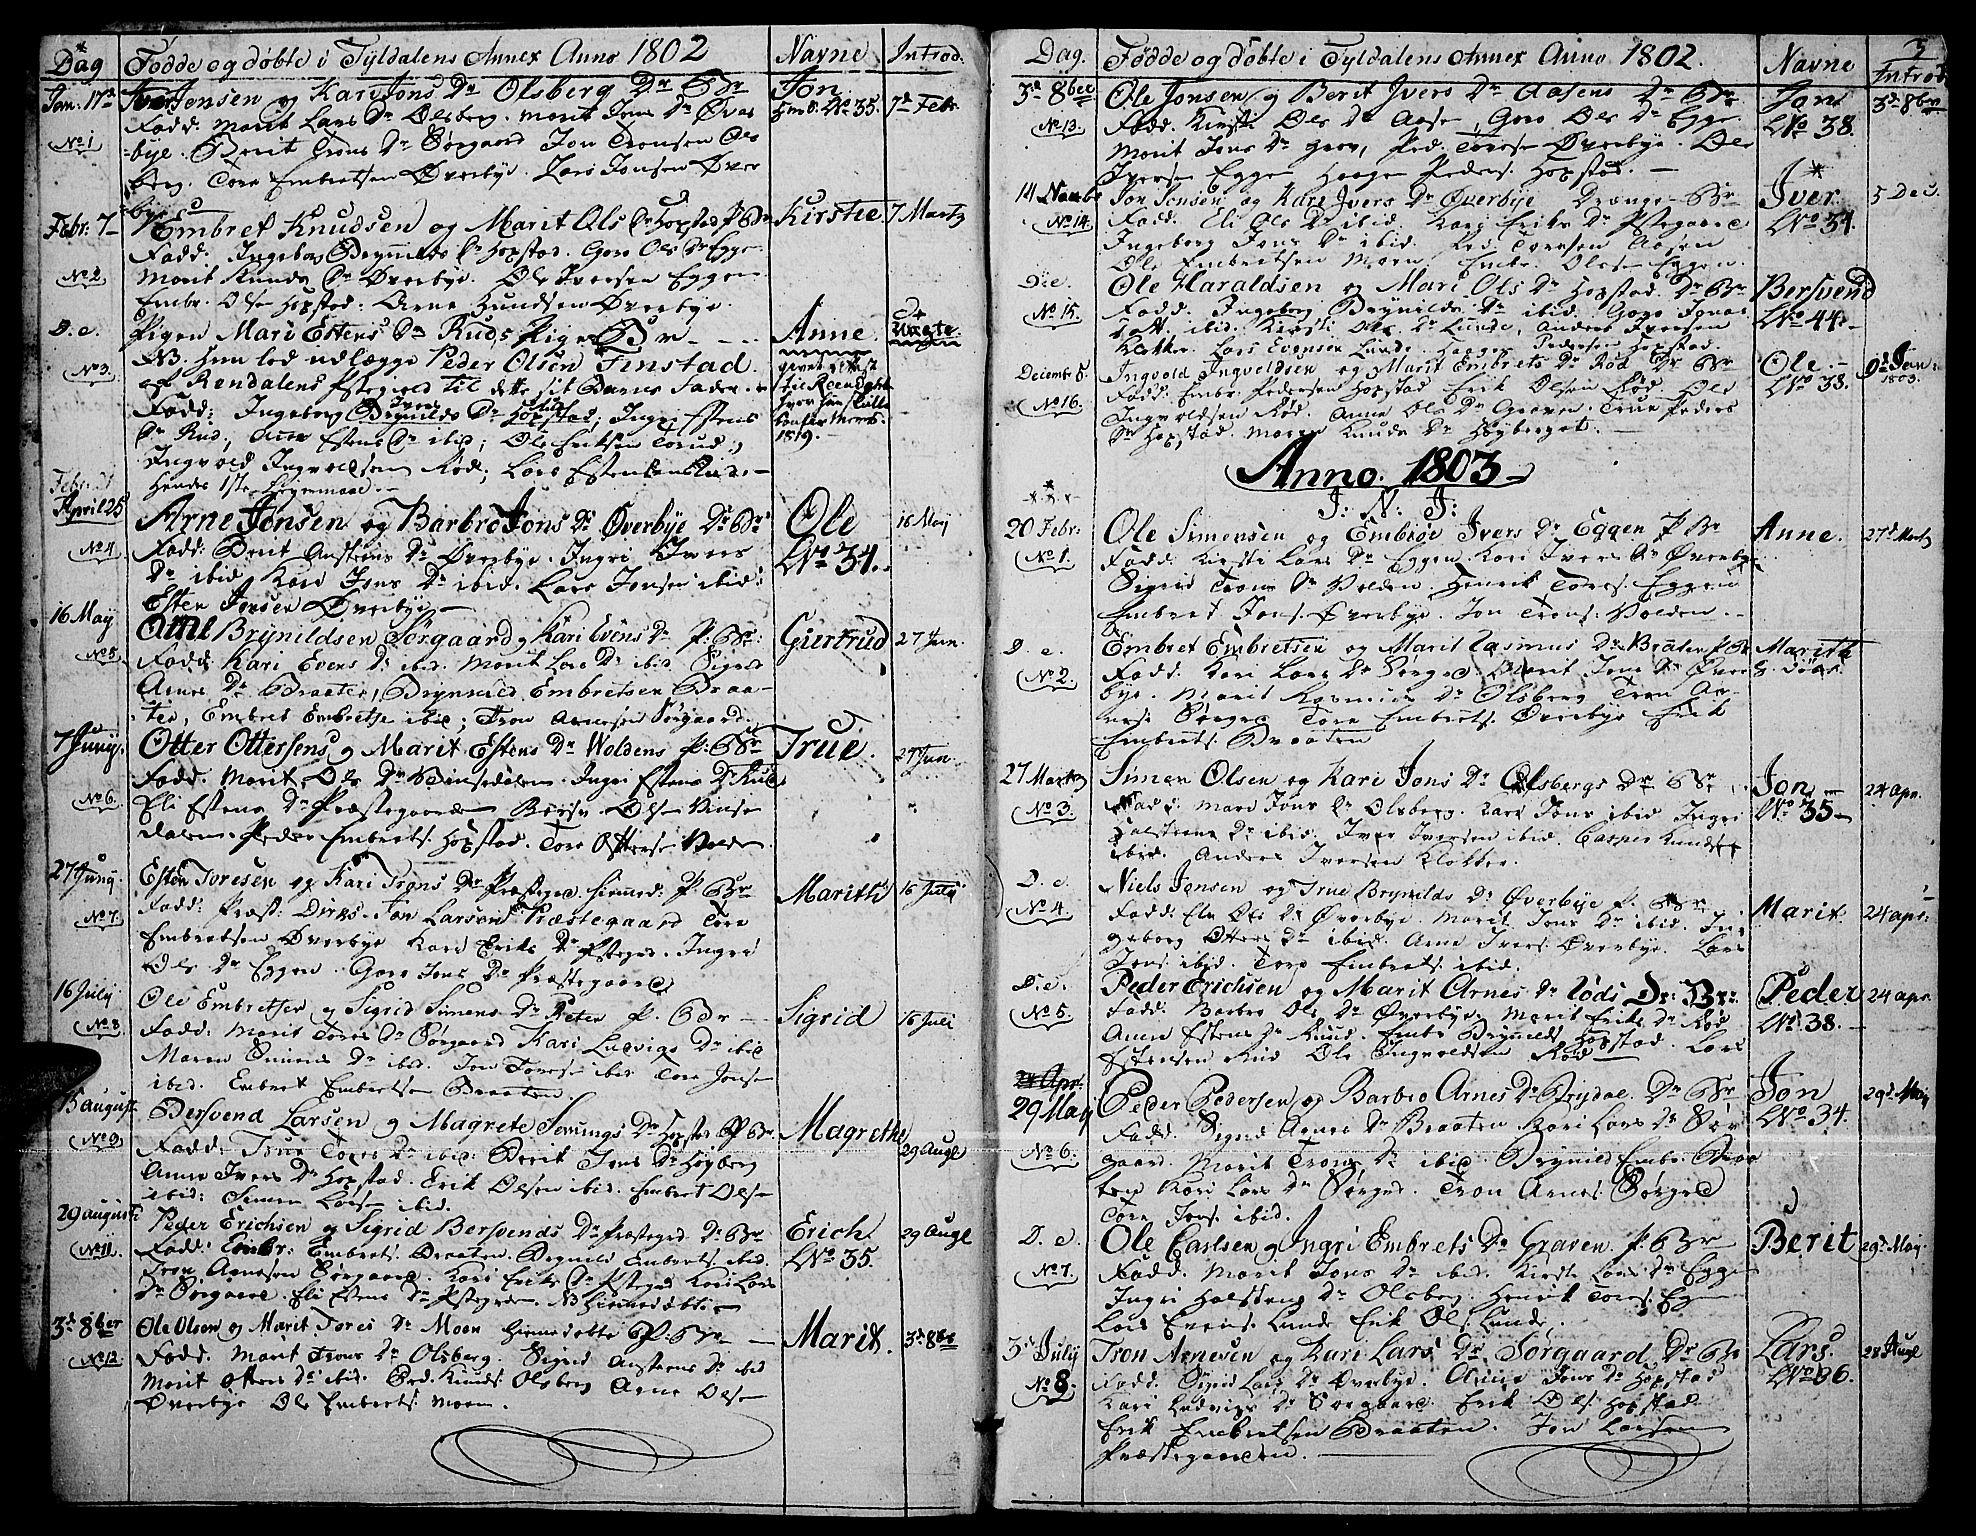 SAH, Tynset prestekontor, Parish register (official) no. 17, 1801-1814, p. 3